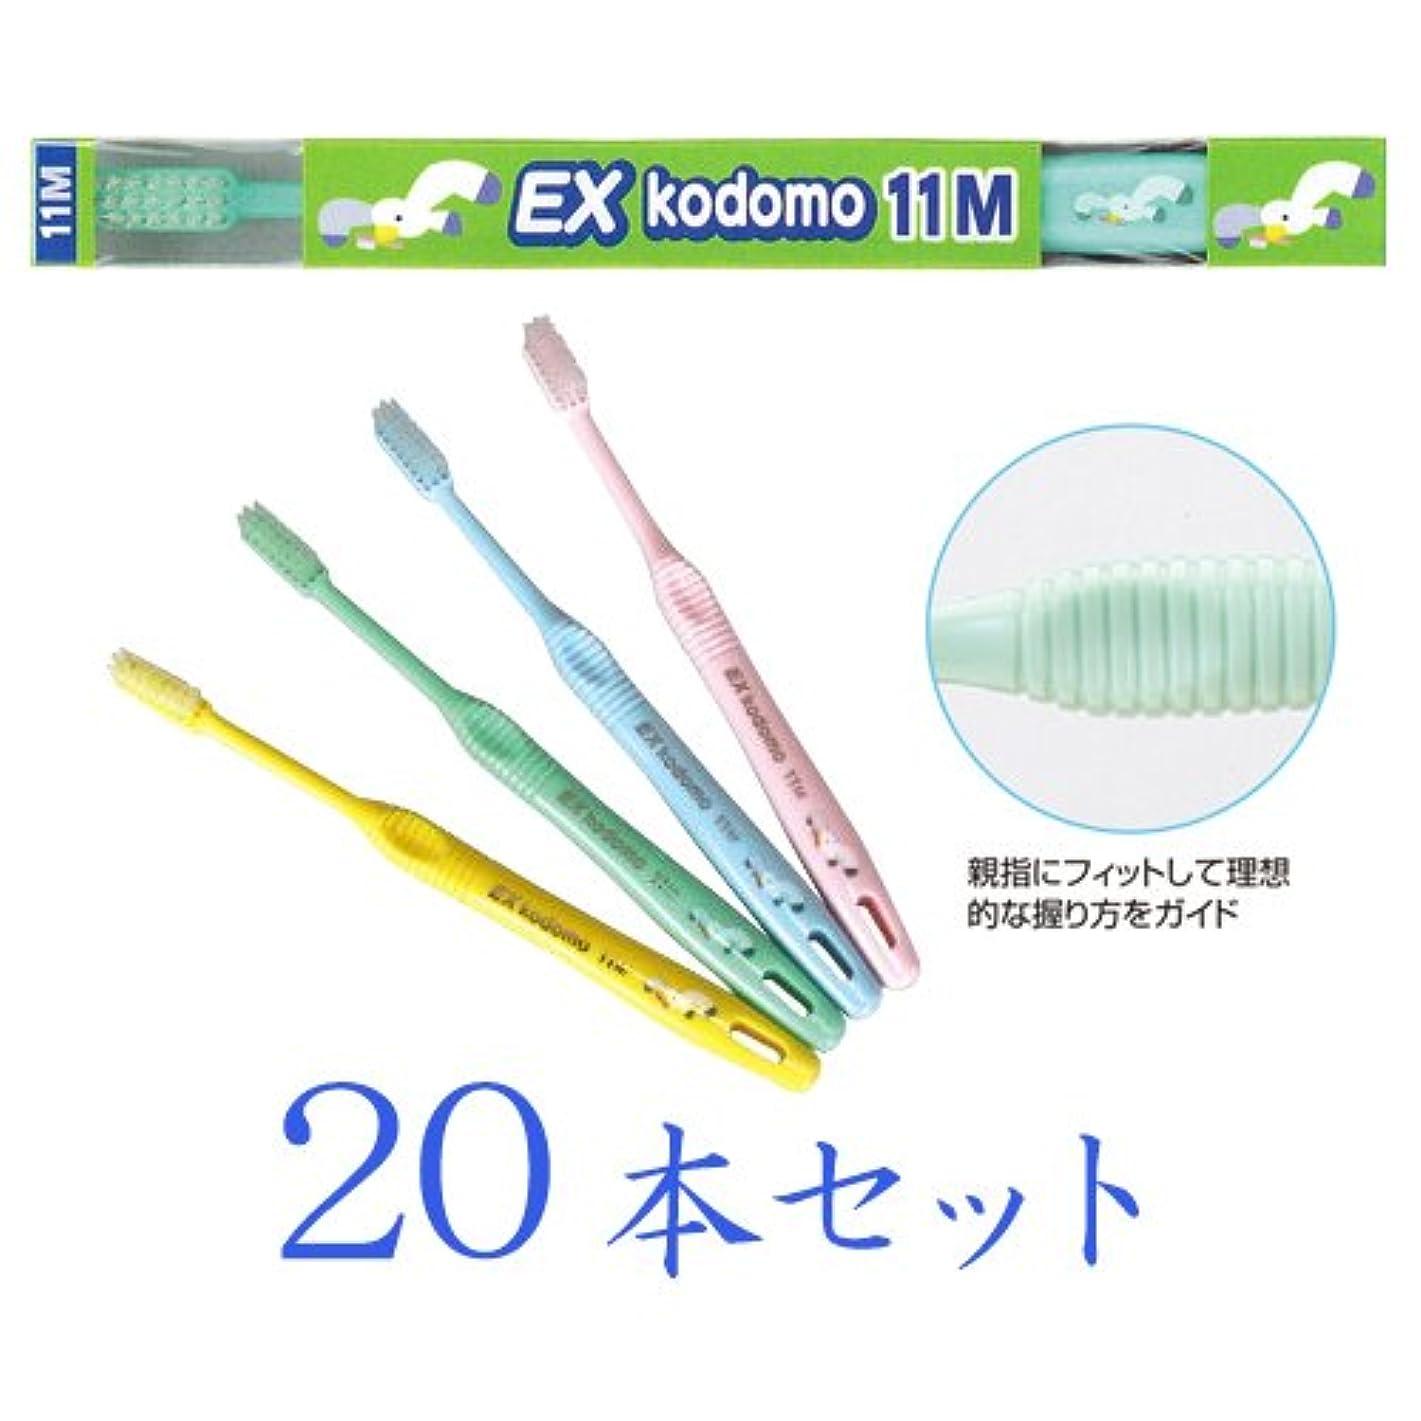 イブニングスチュアート島デコラティブライオン DENT.EX コドモ歯ブラシ 20本入 11M(混合歯列後期用?8~12歳)(カモメ)